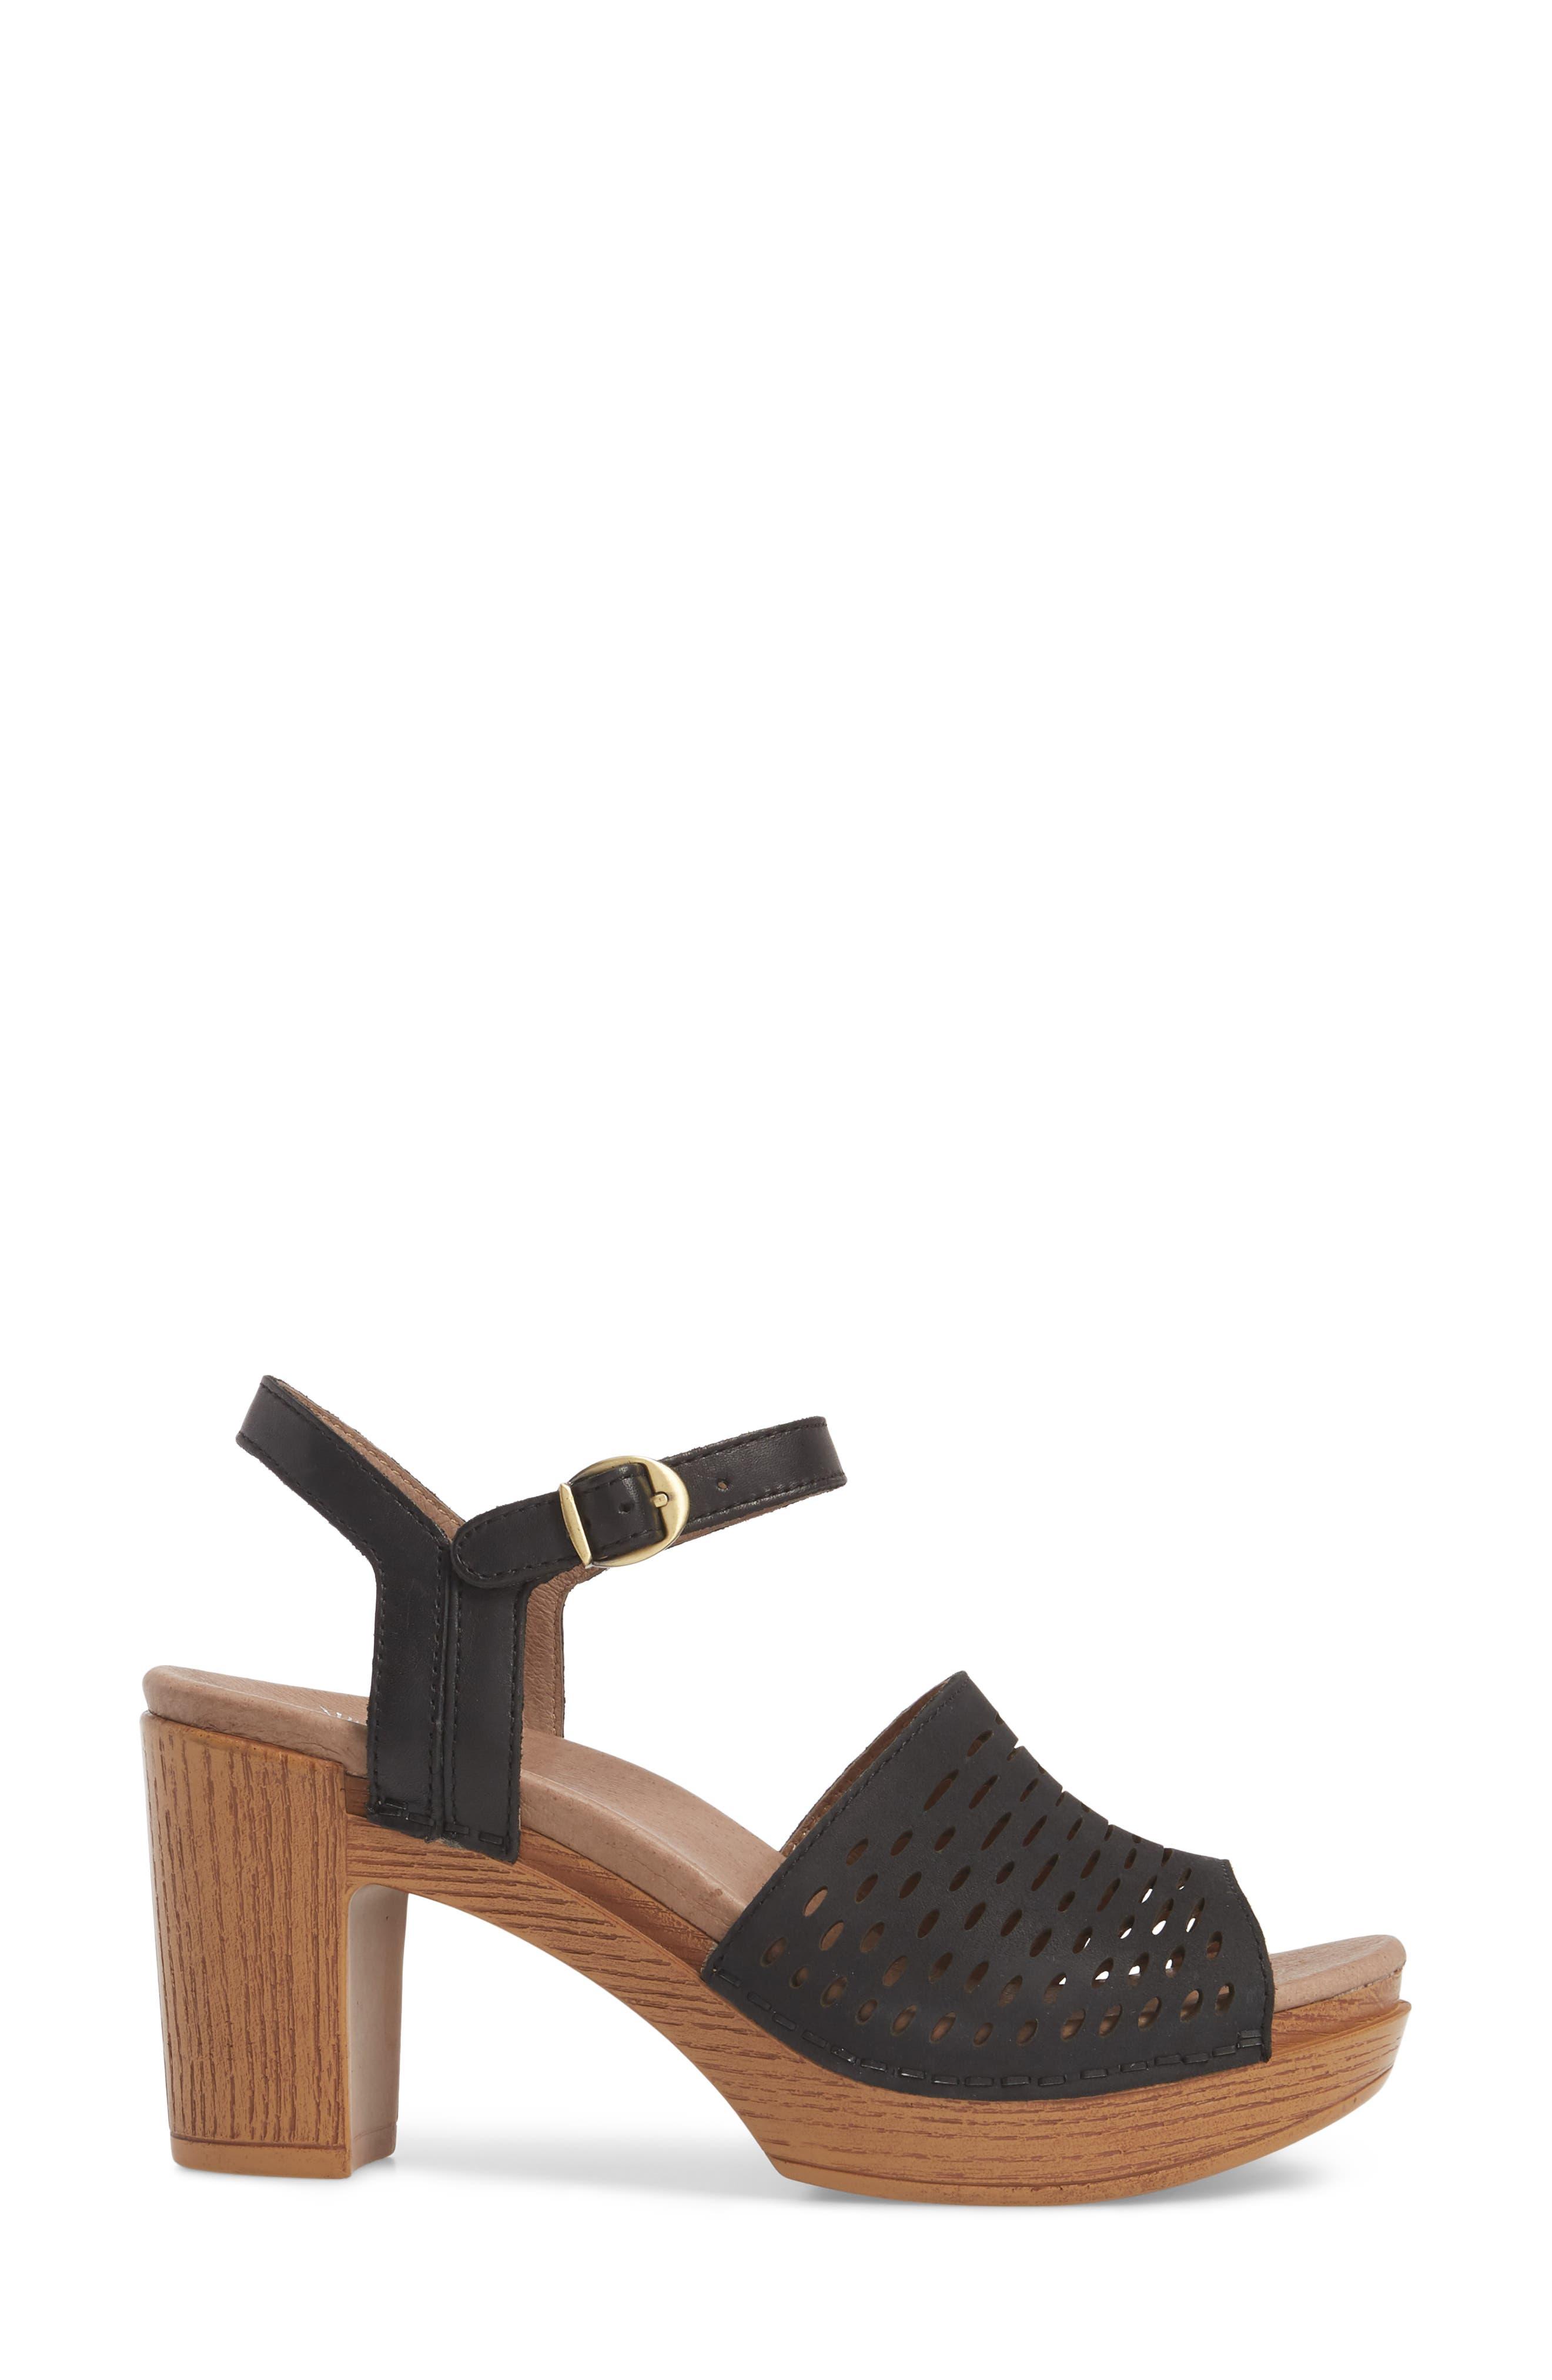 Denita Block Heel Sandal,                             Alternate thumbnail 3, color,                             001